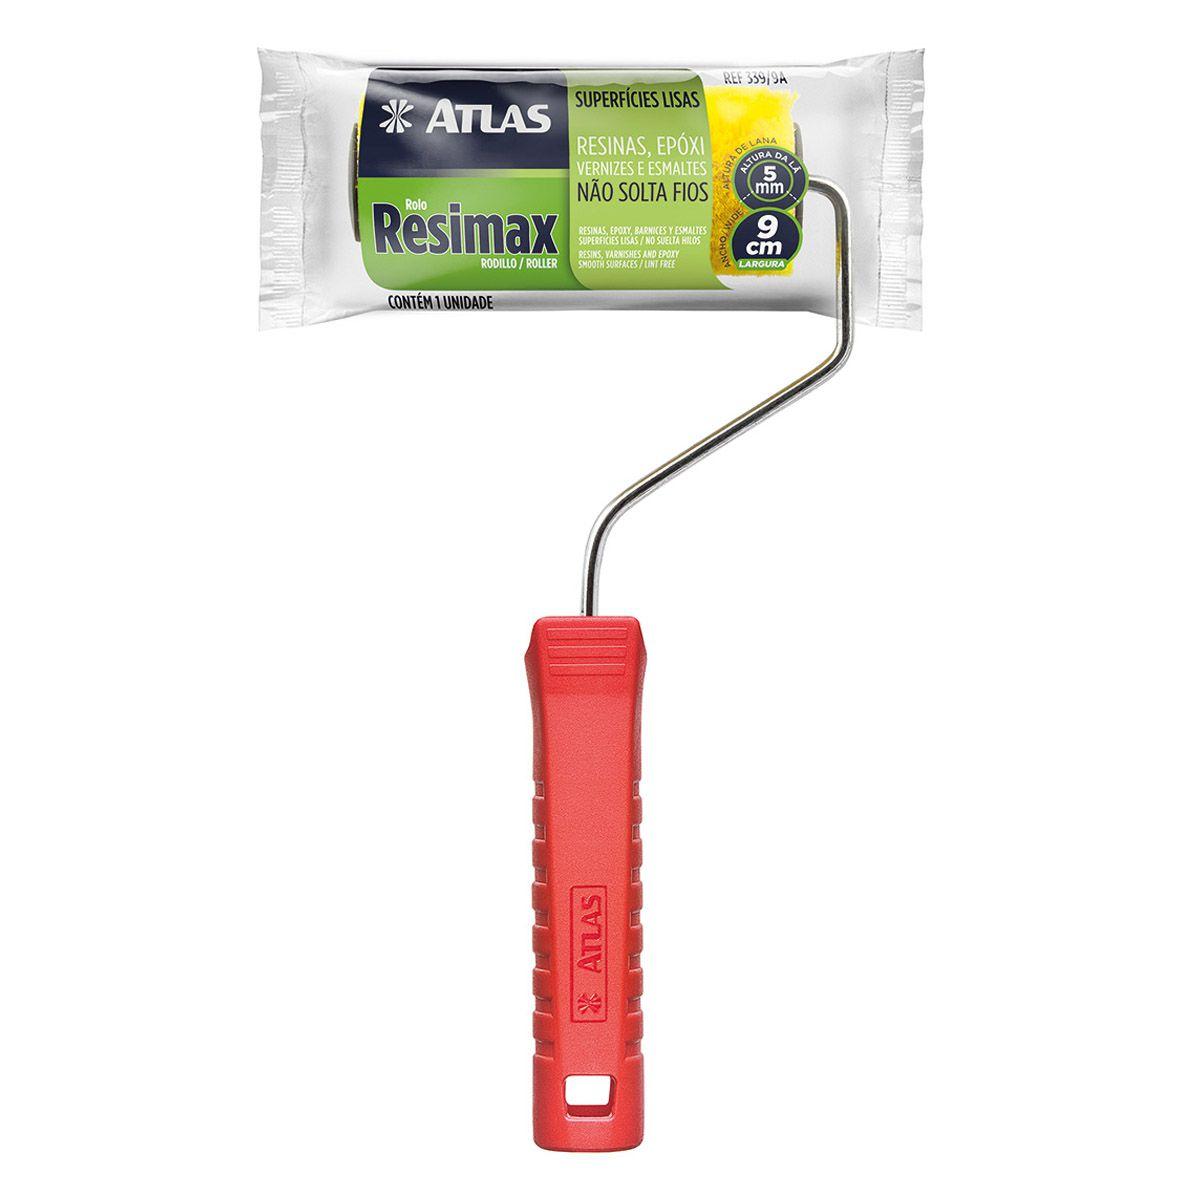 Mini Rolo Resimax 9,0cm Atlas 339/9a C/cabo